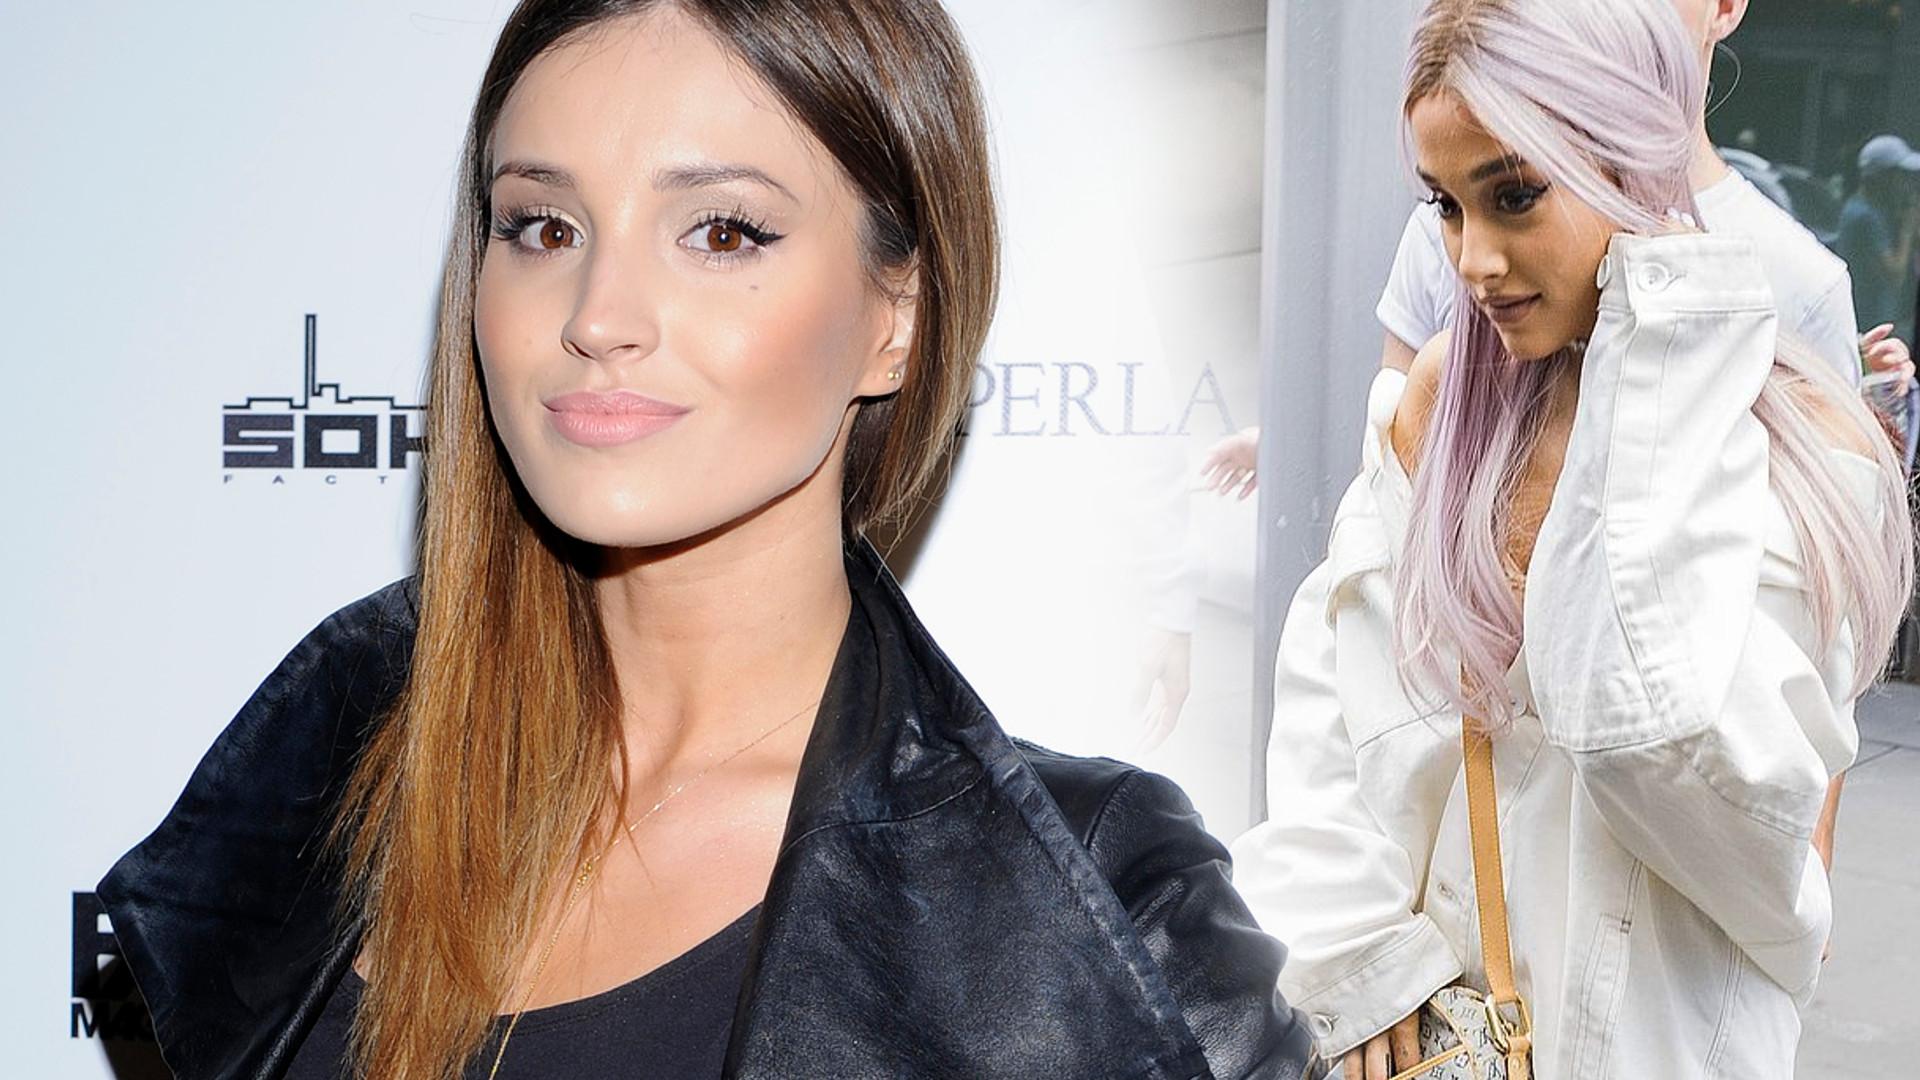 Marina ma RÓŻOWE włosy – wygląda jak Ariana Grande